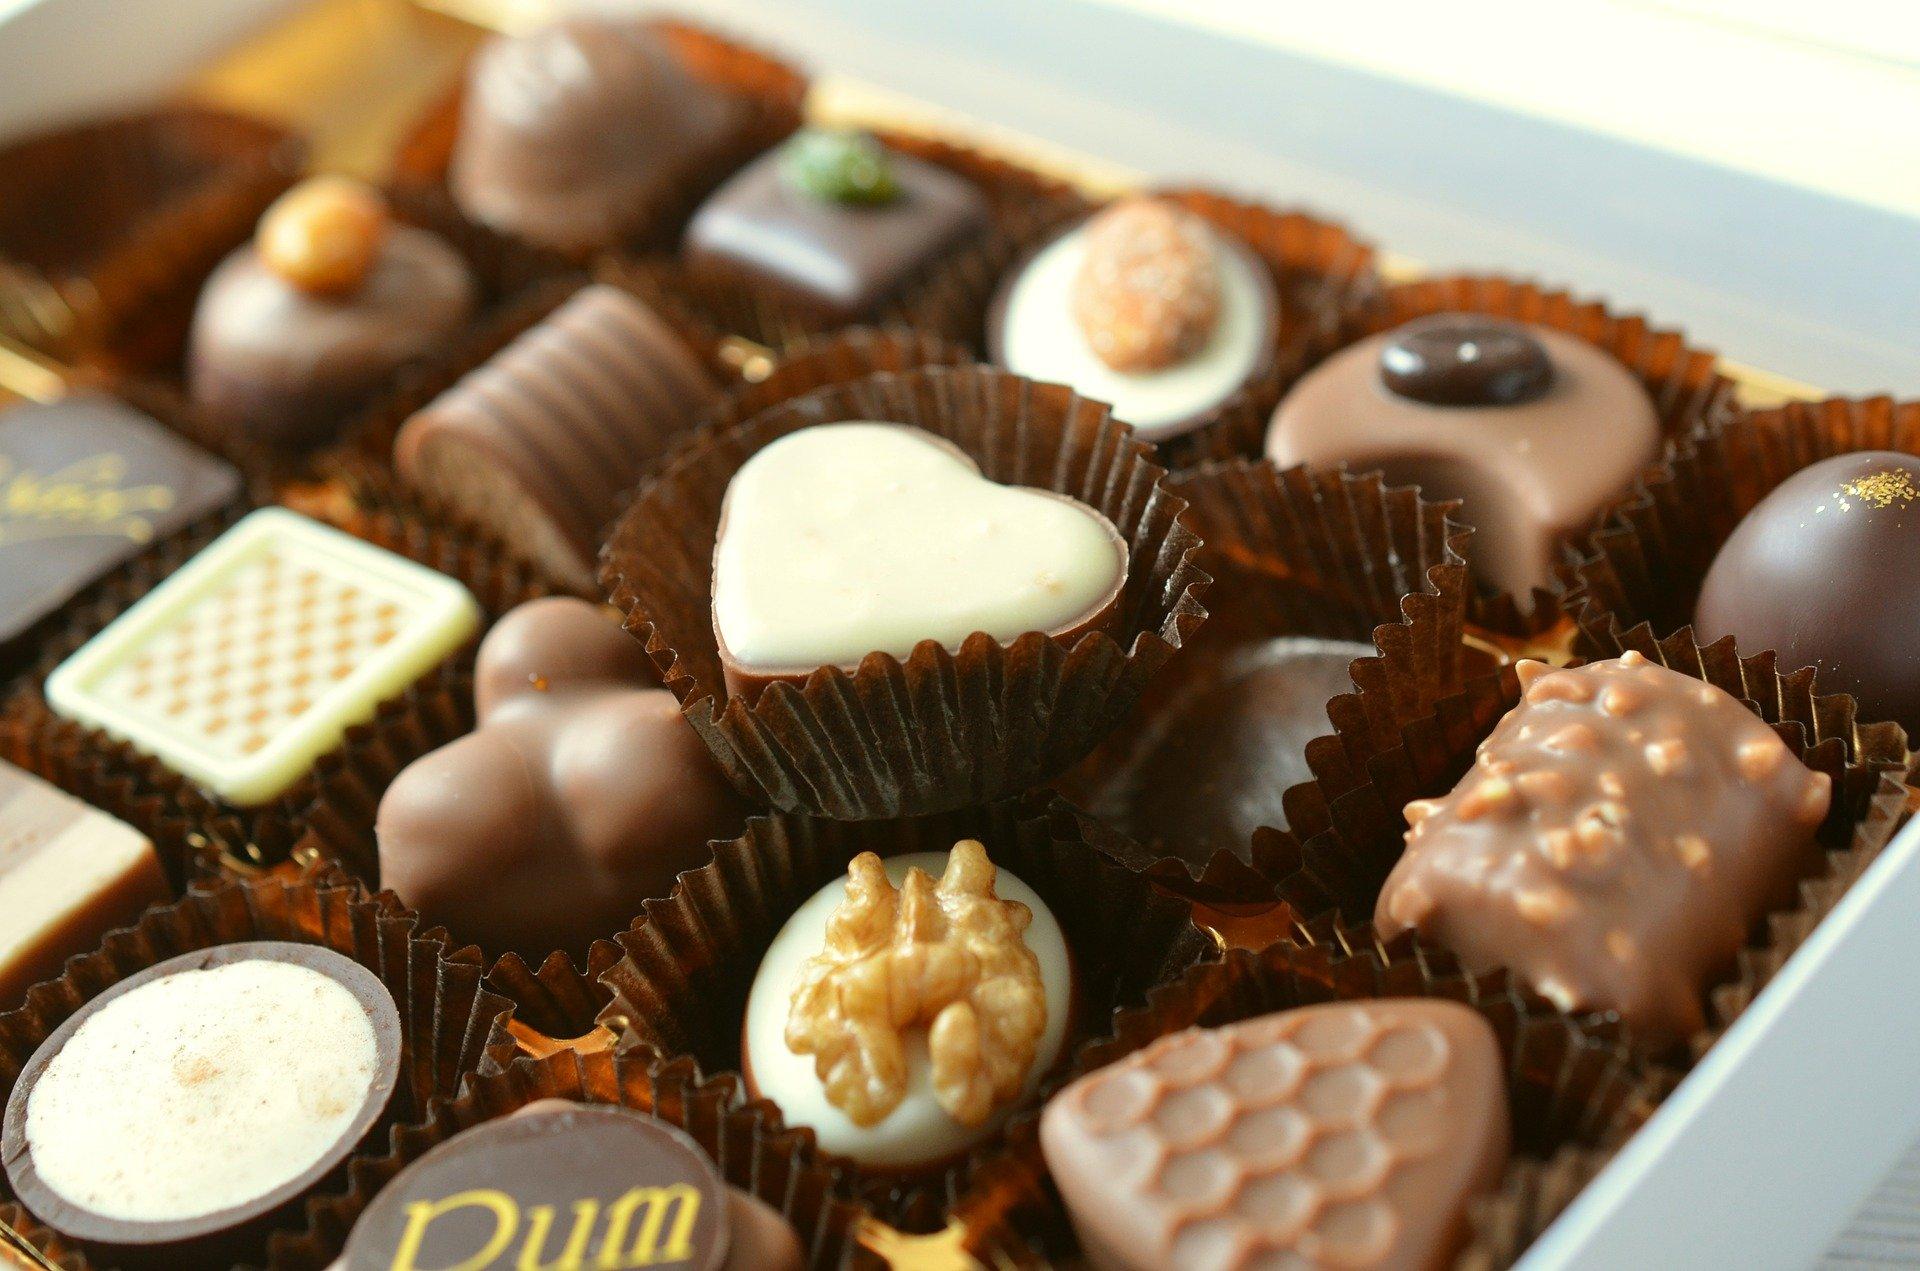 foto de uma caixa com bombons em vários formatos, como de coração e quadrado. Imagem ilustrativa para texto franquia kopenhagen.